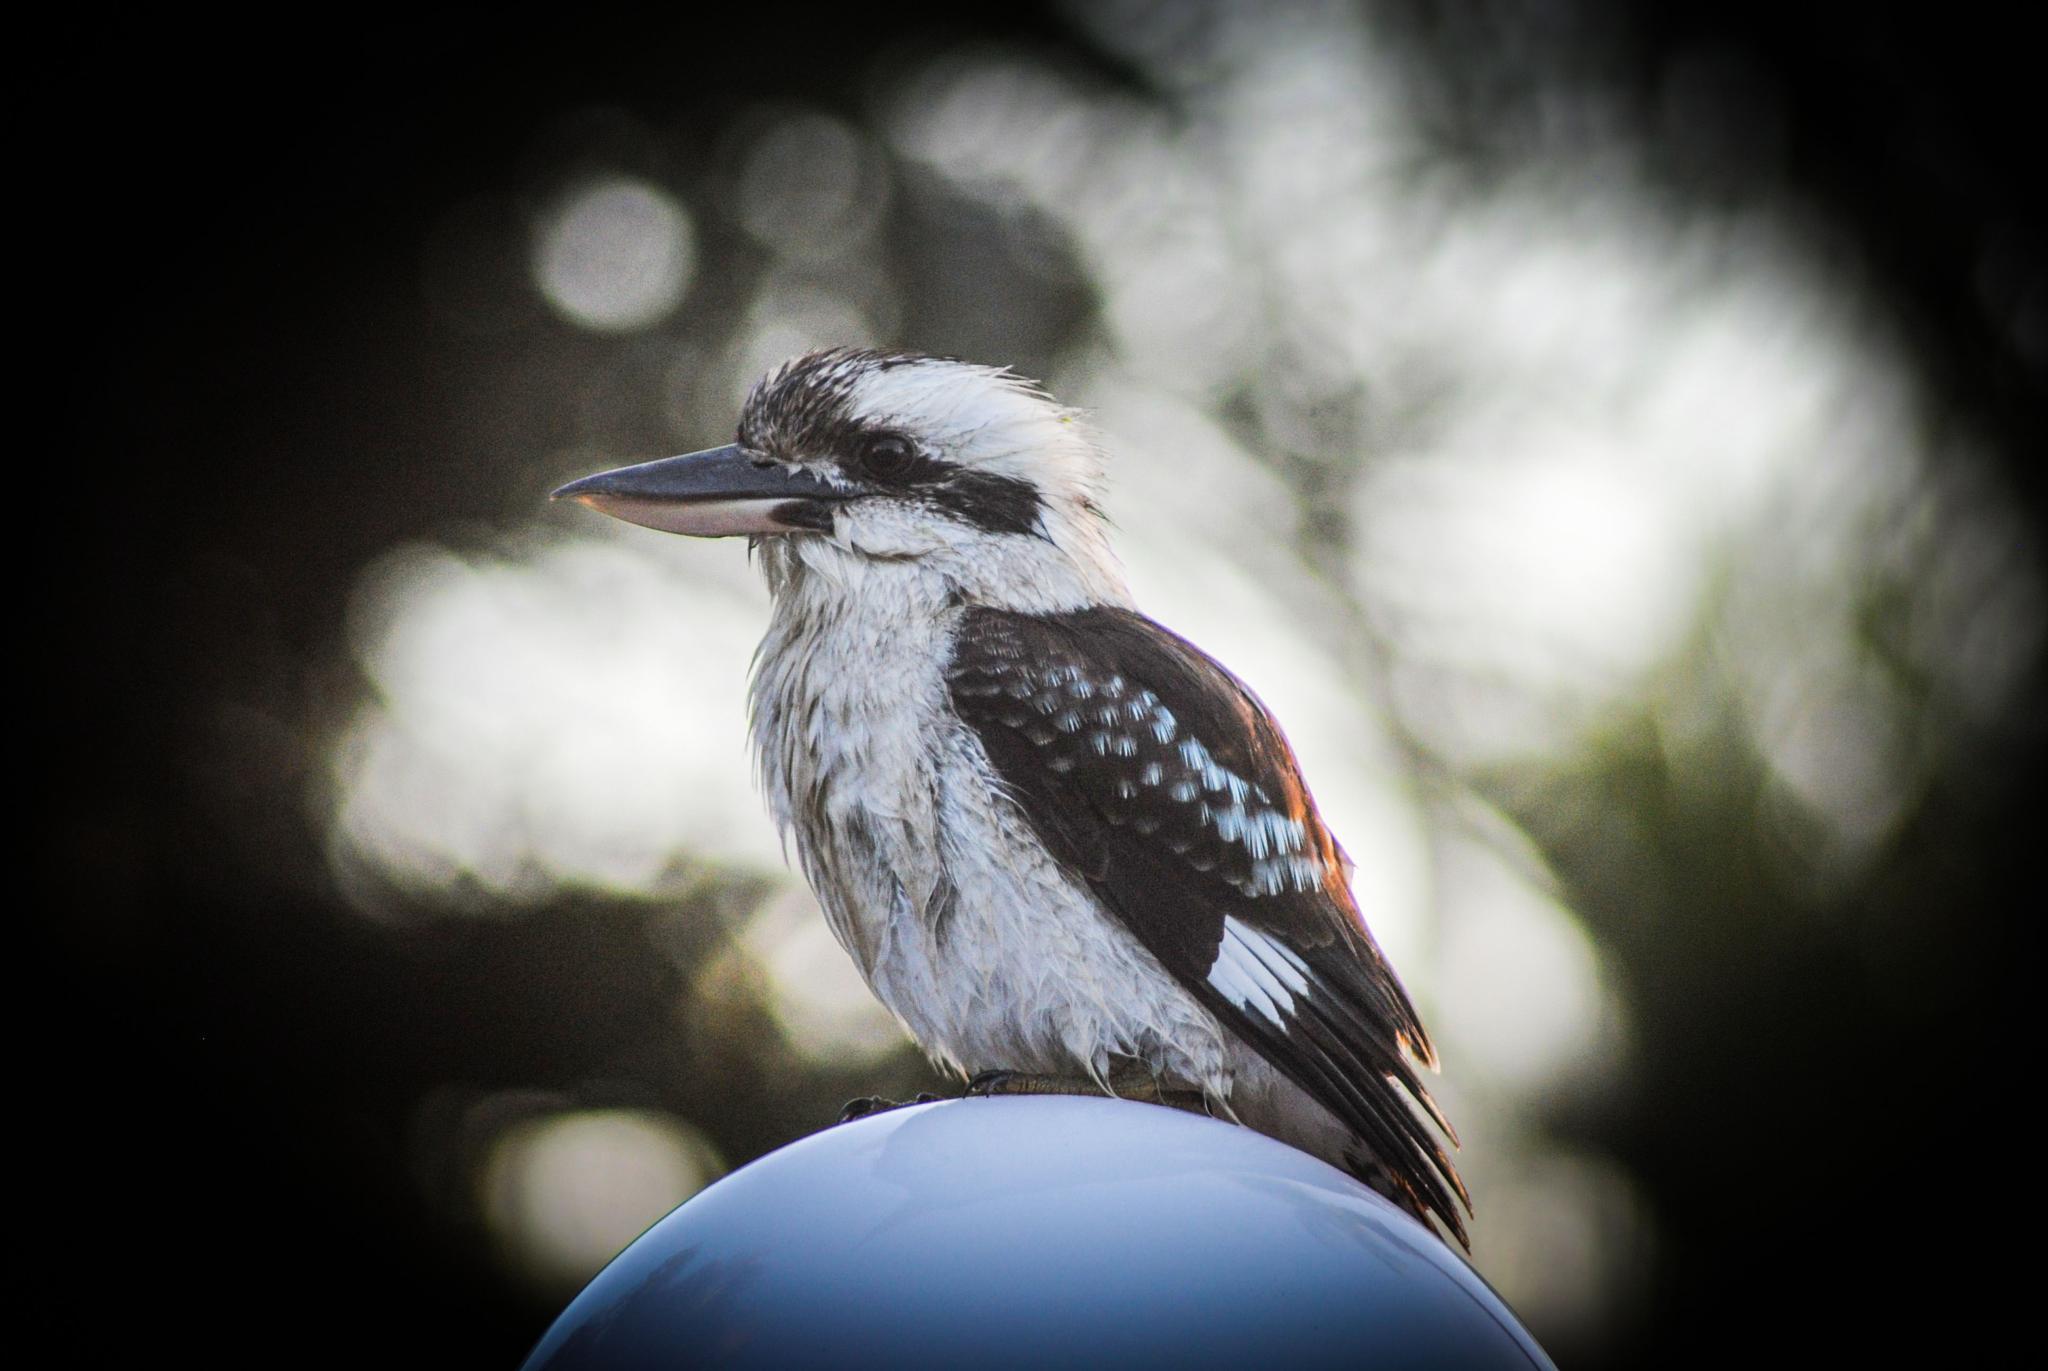 Kookaburra by Petra van Gend